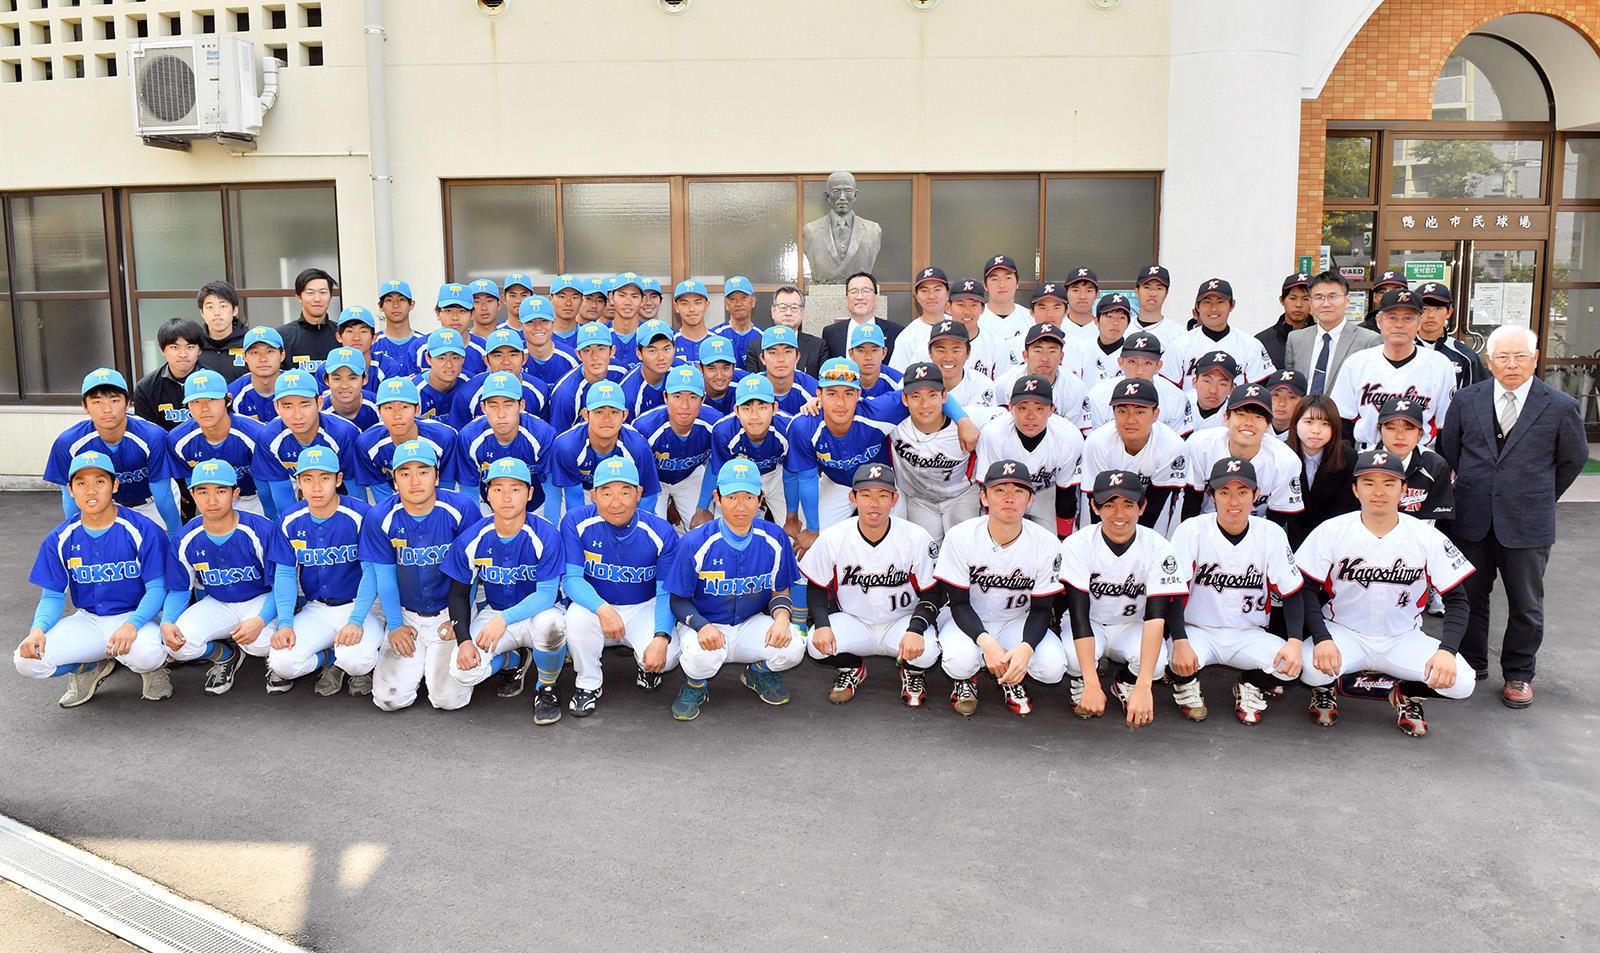 200306tuku_baseball_pic07.jpg